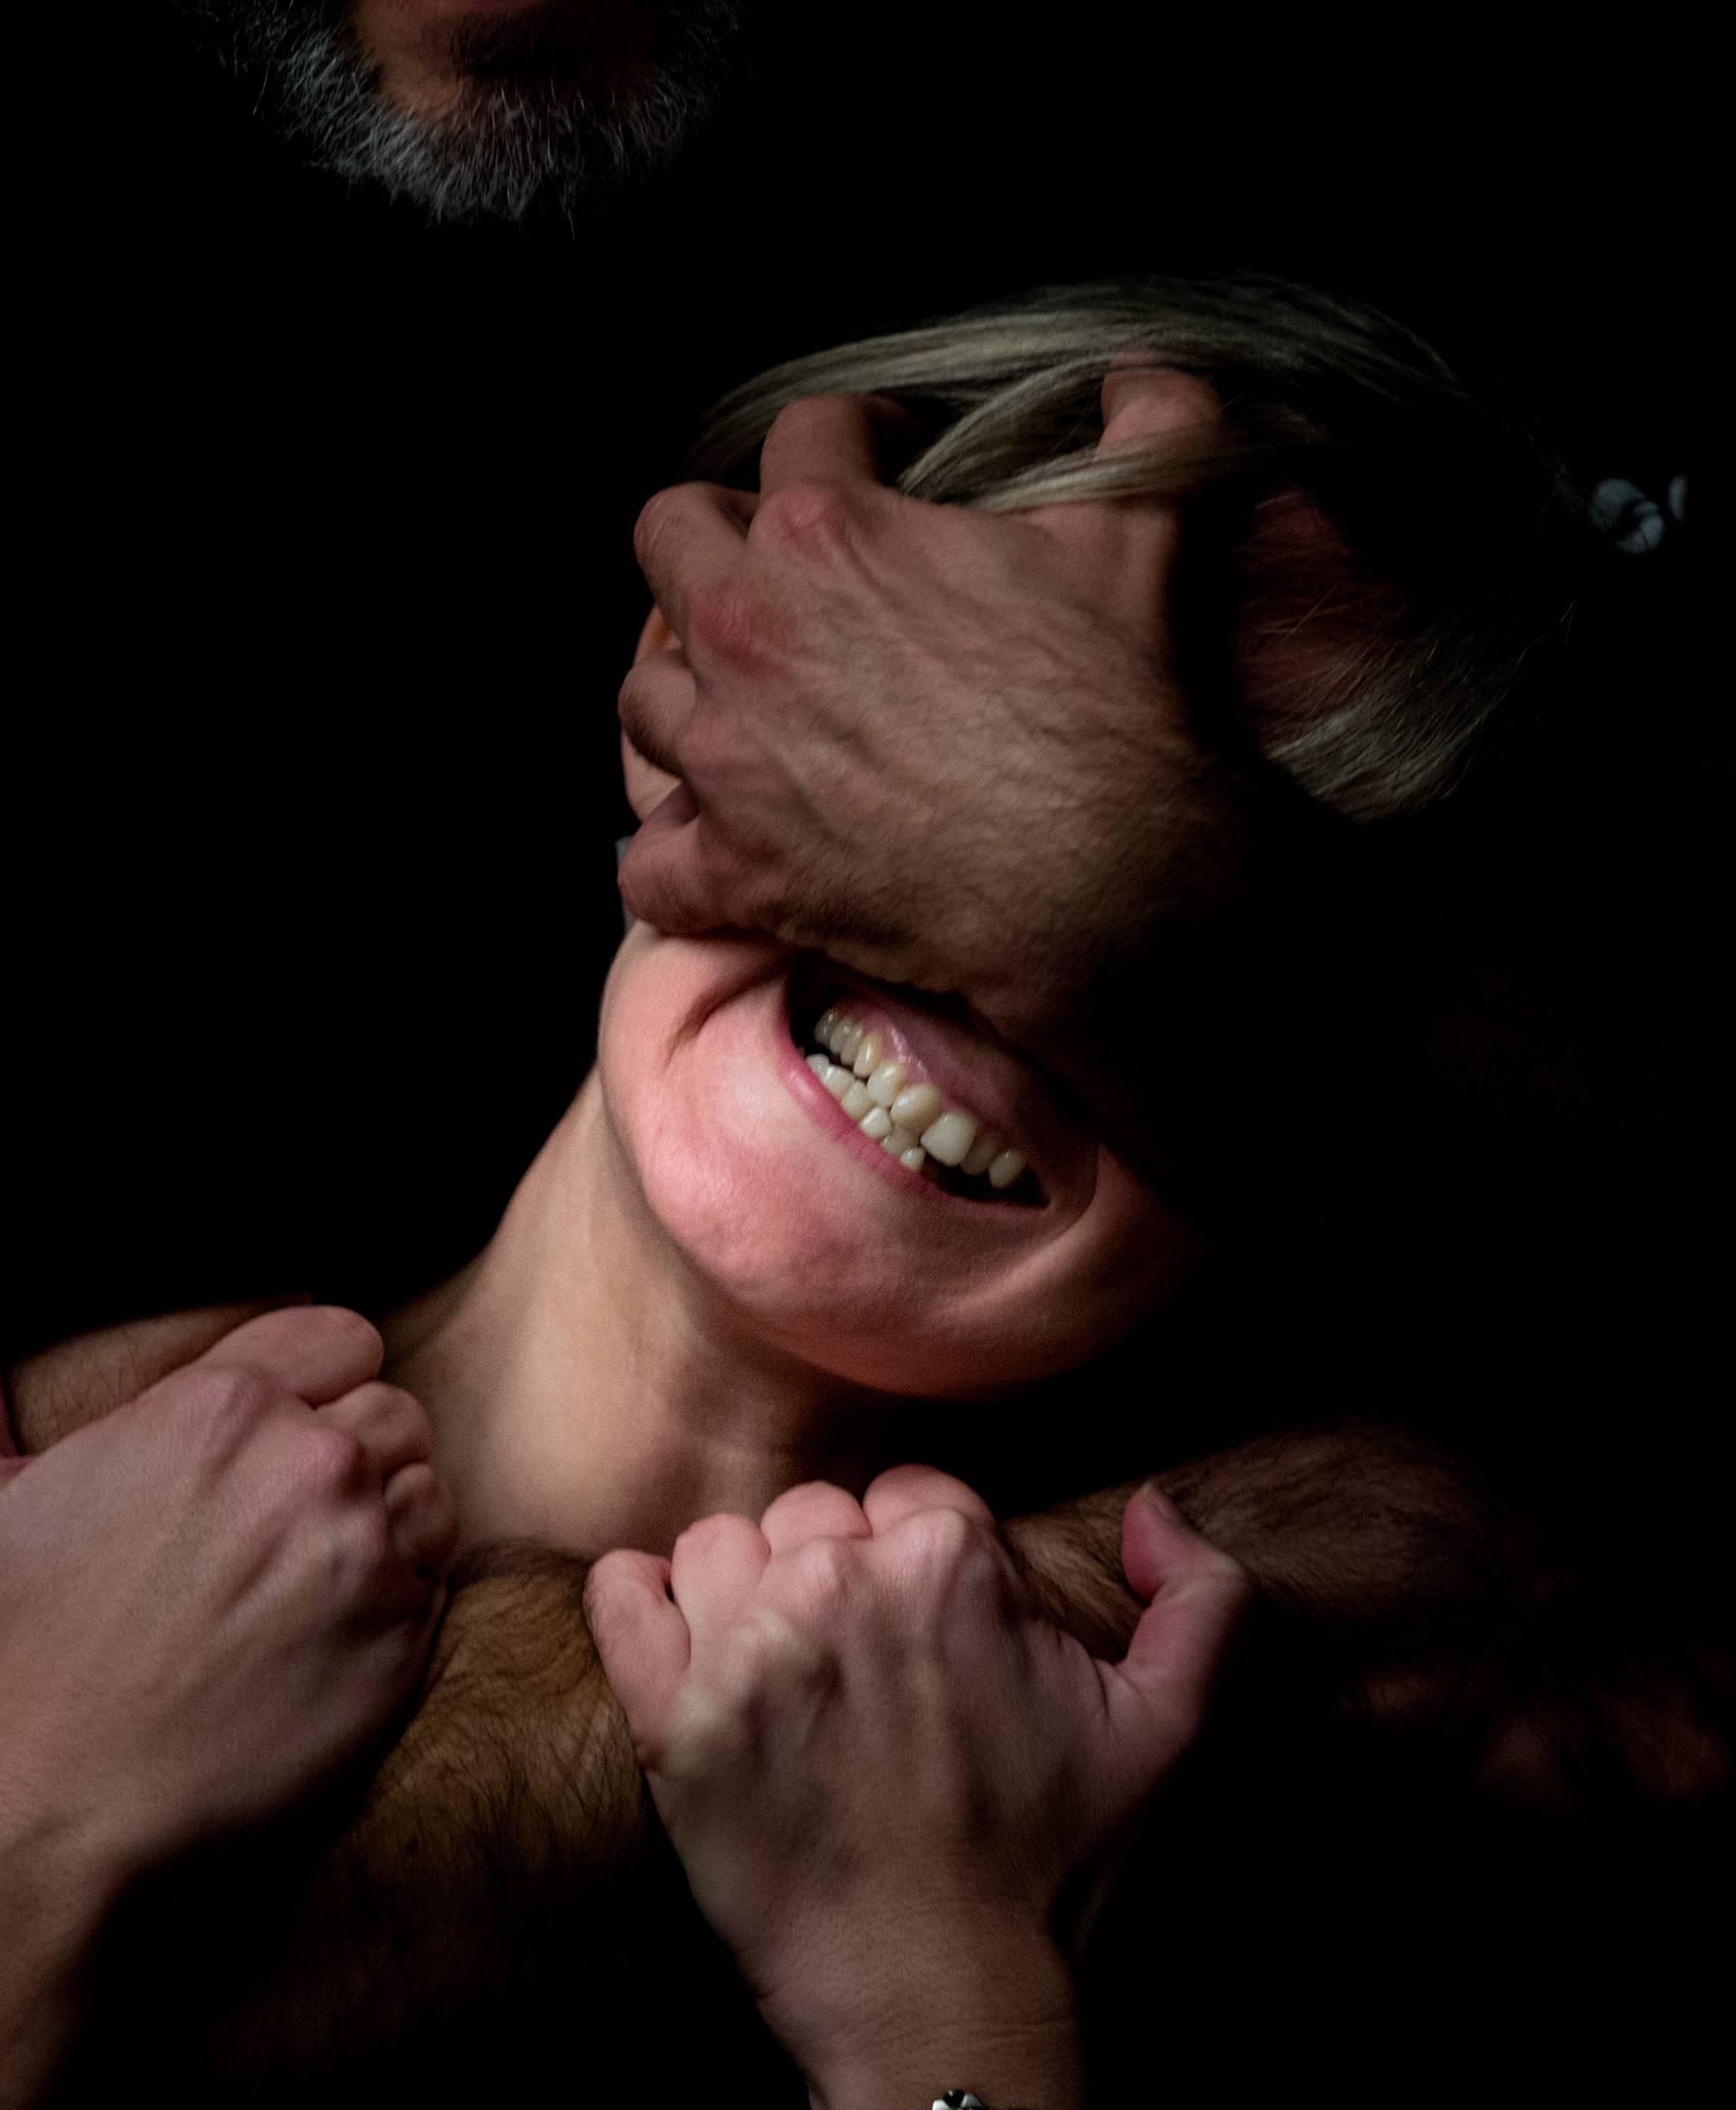 Otac monstrum godinama je silovao tri maloljetne kćeri